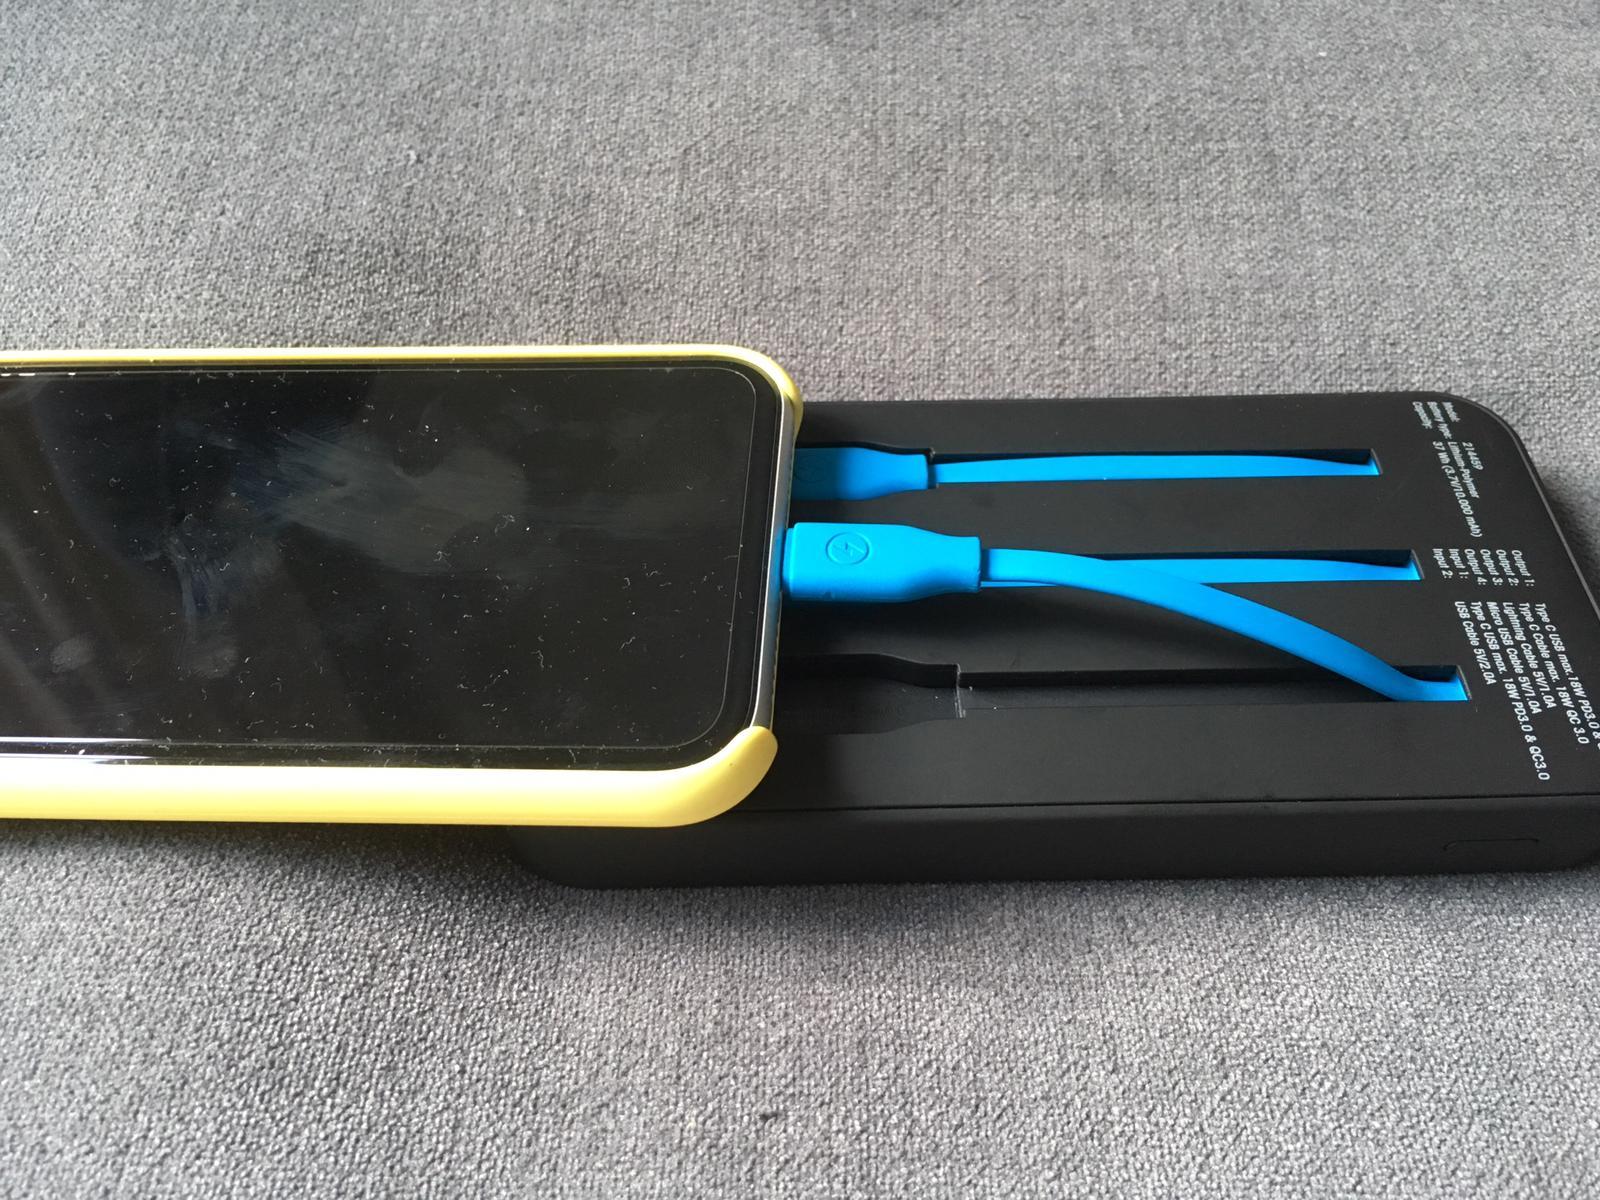 Powerbanks im Vergleich - Das Smartphone lässt sich nur unhandlich an die Xlayer Powerbank anschließen. / Image by Moritz Stoll